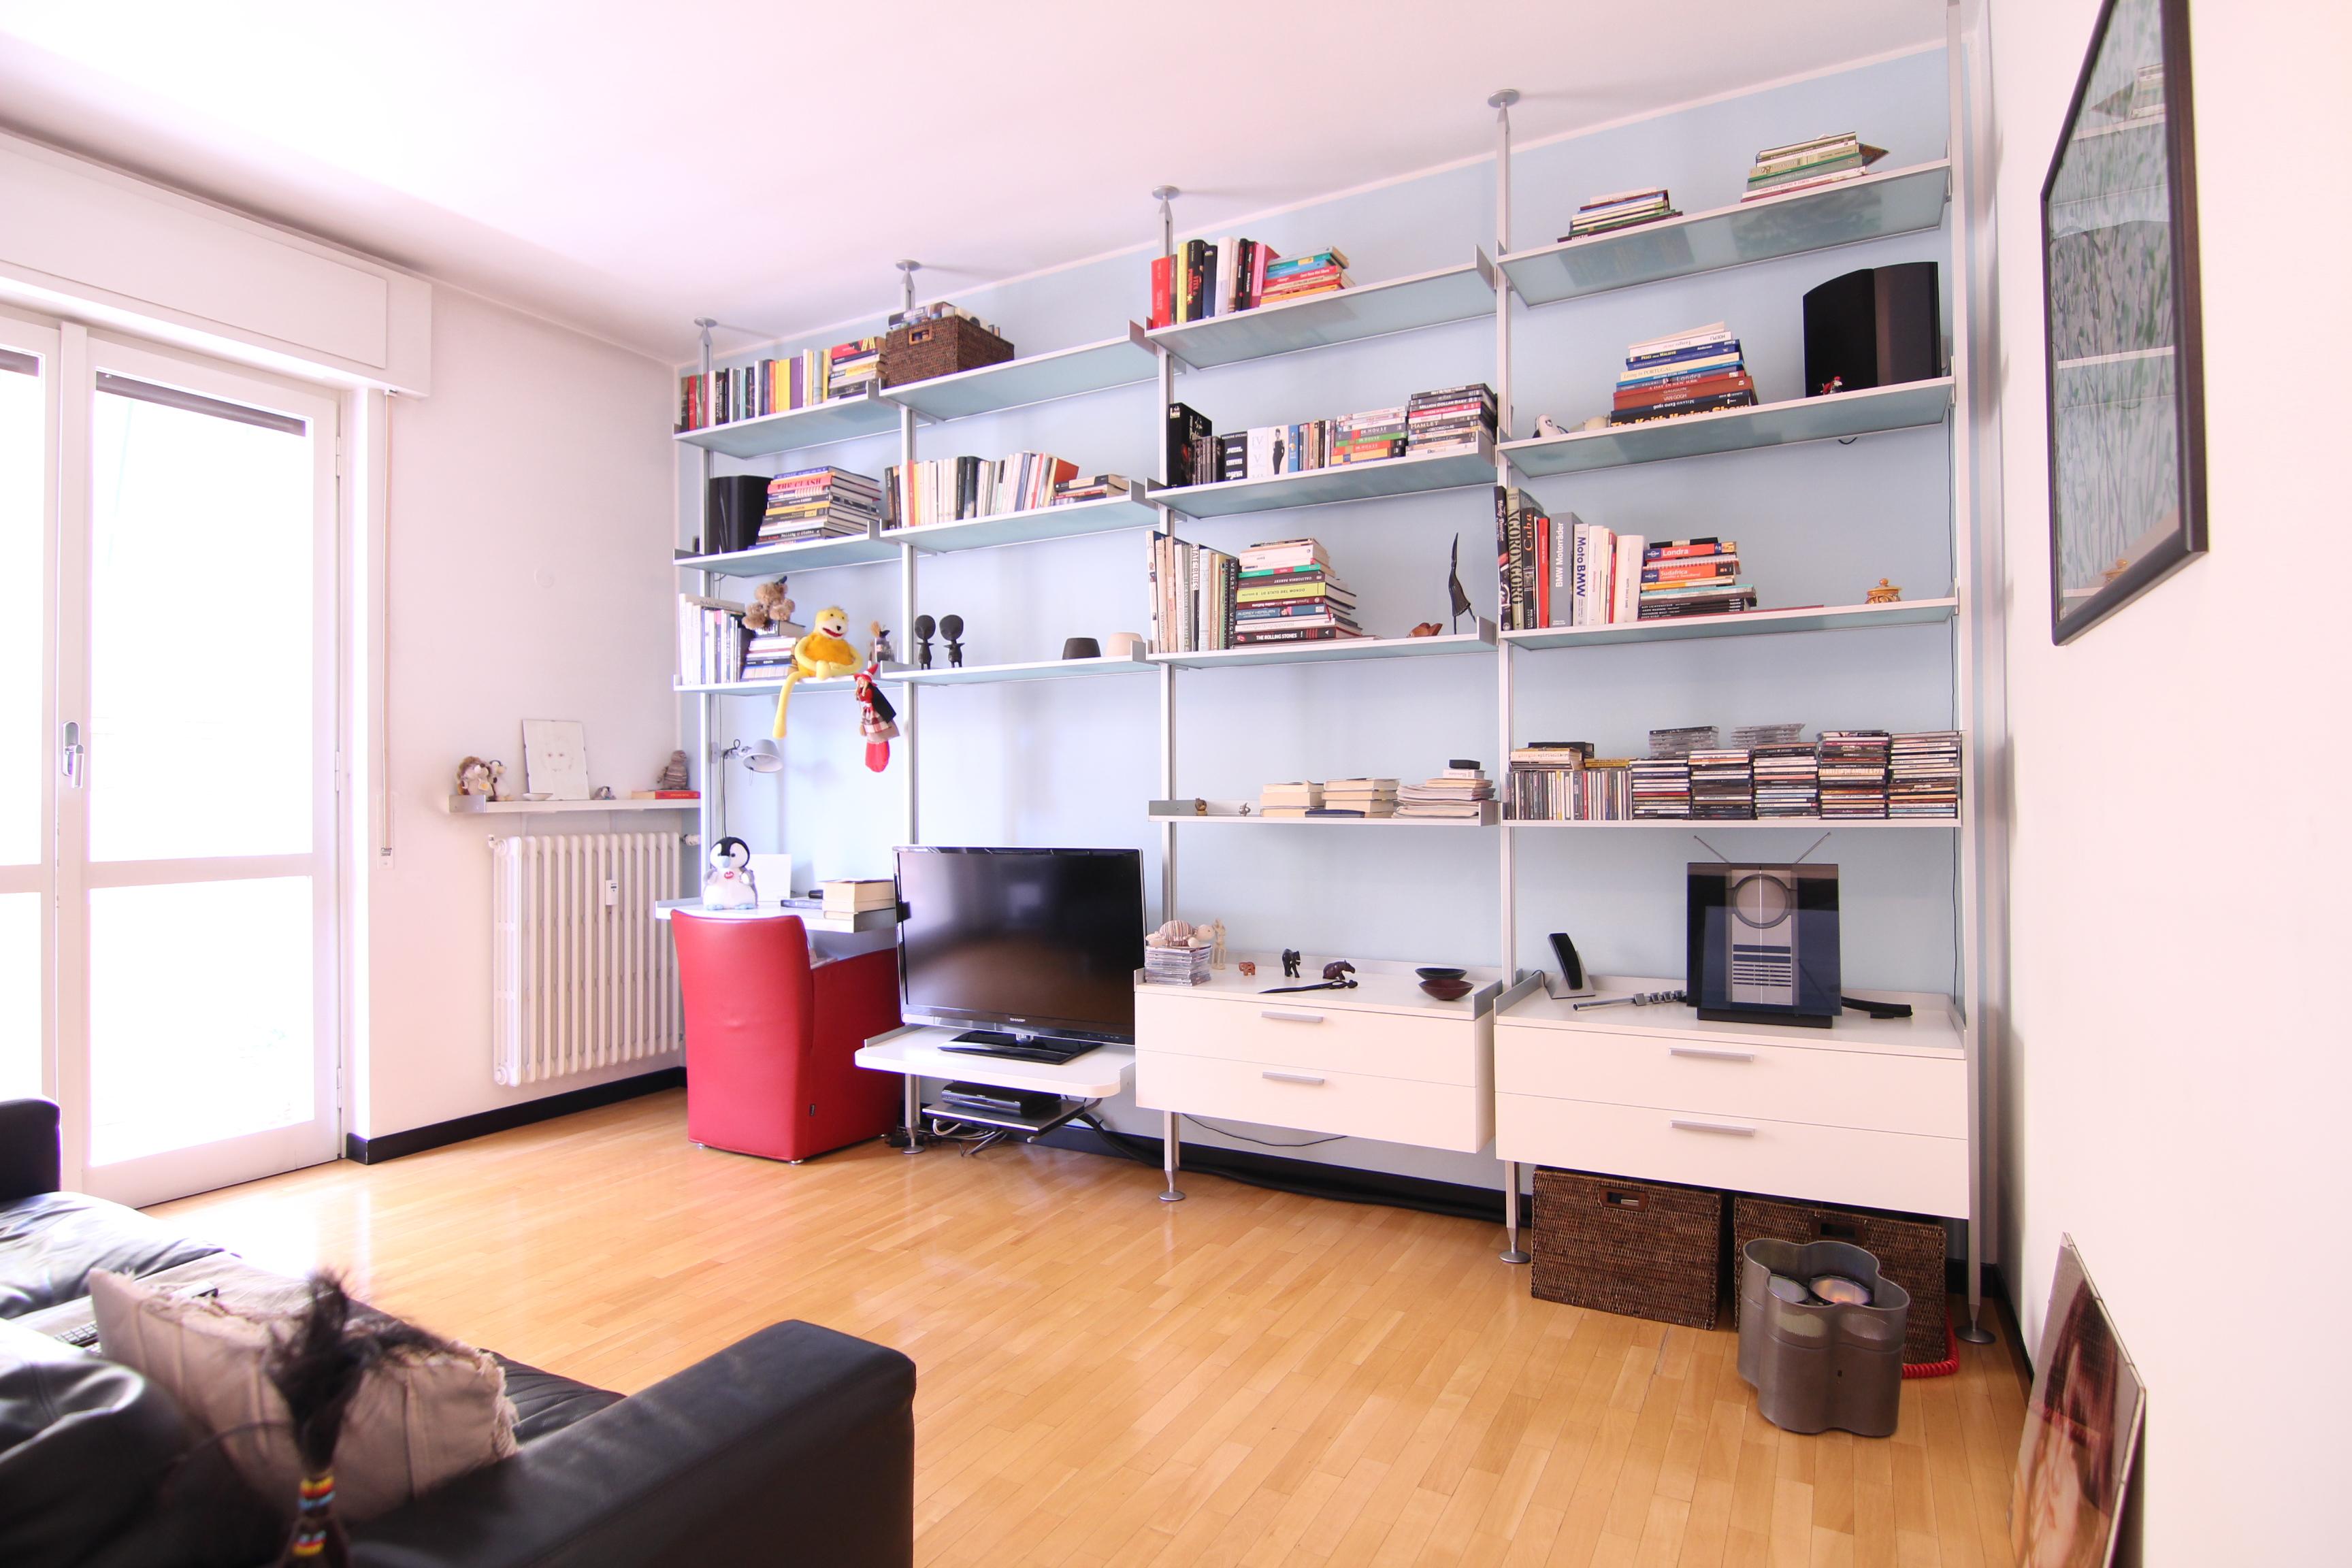 Bernareggio-ultimo piano due locali con cucina abitabile